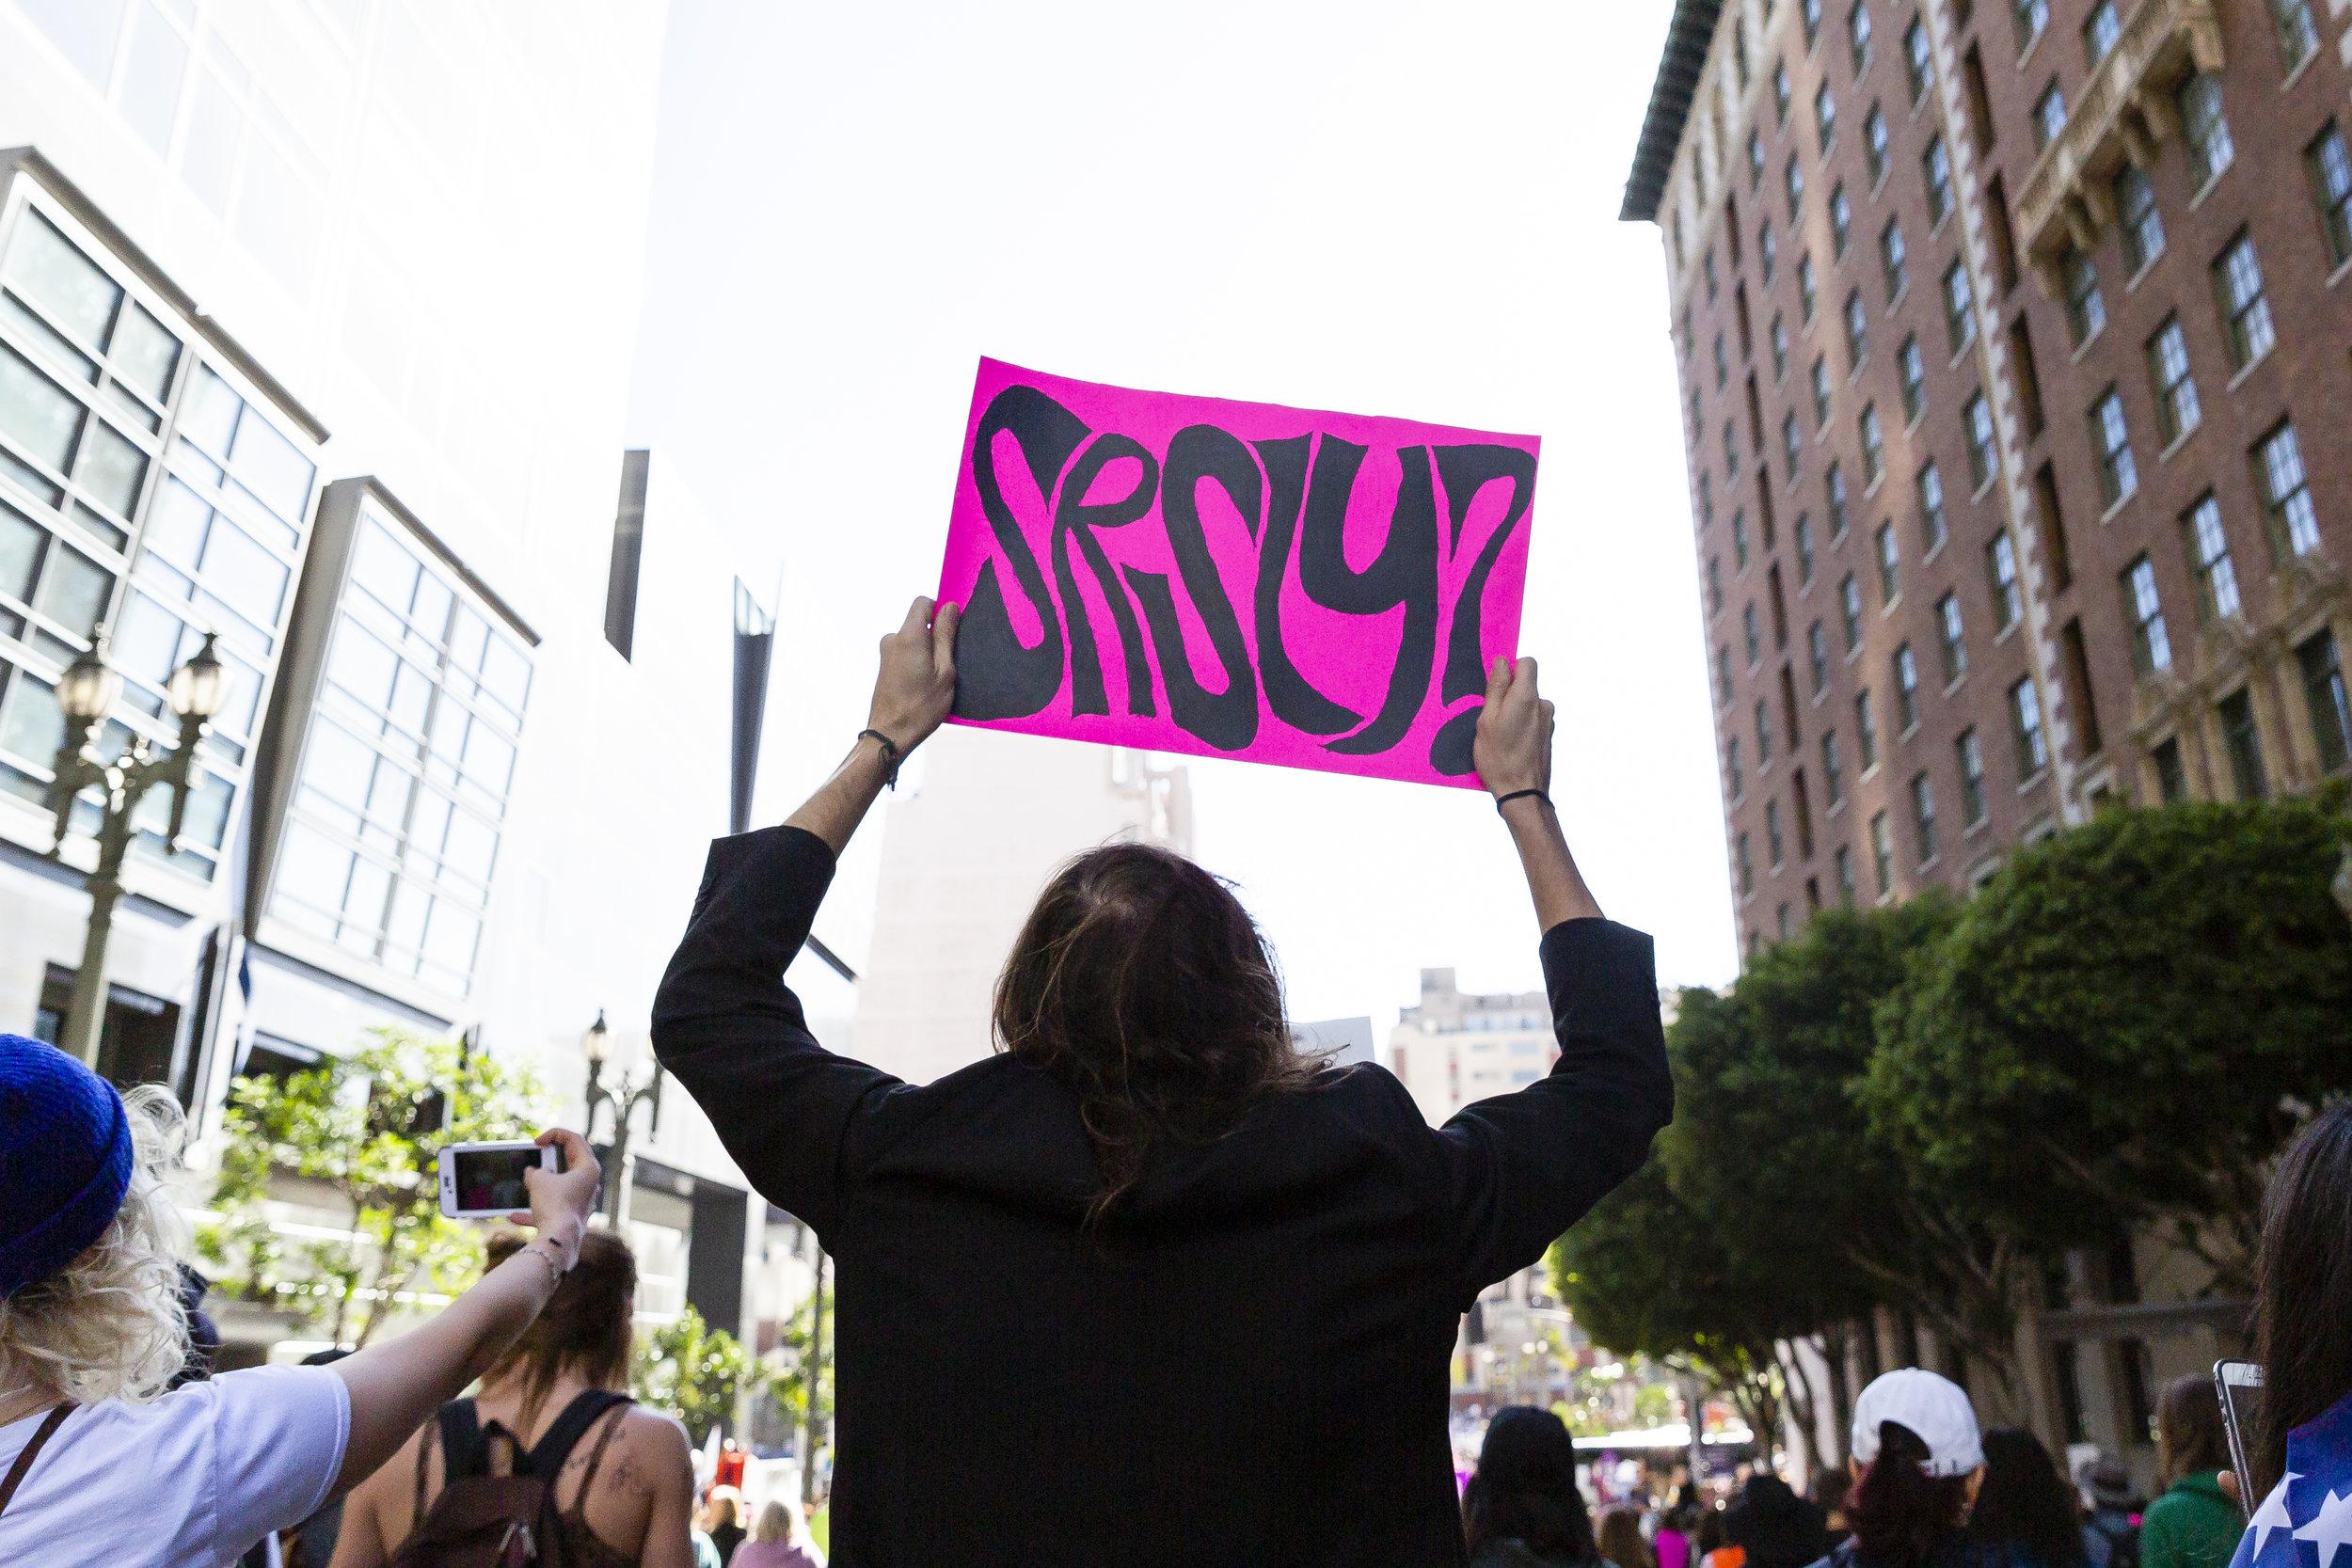 170121 women's march - 4195.jpg